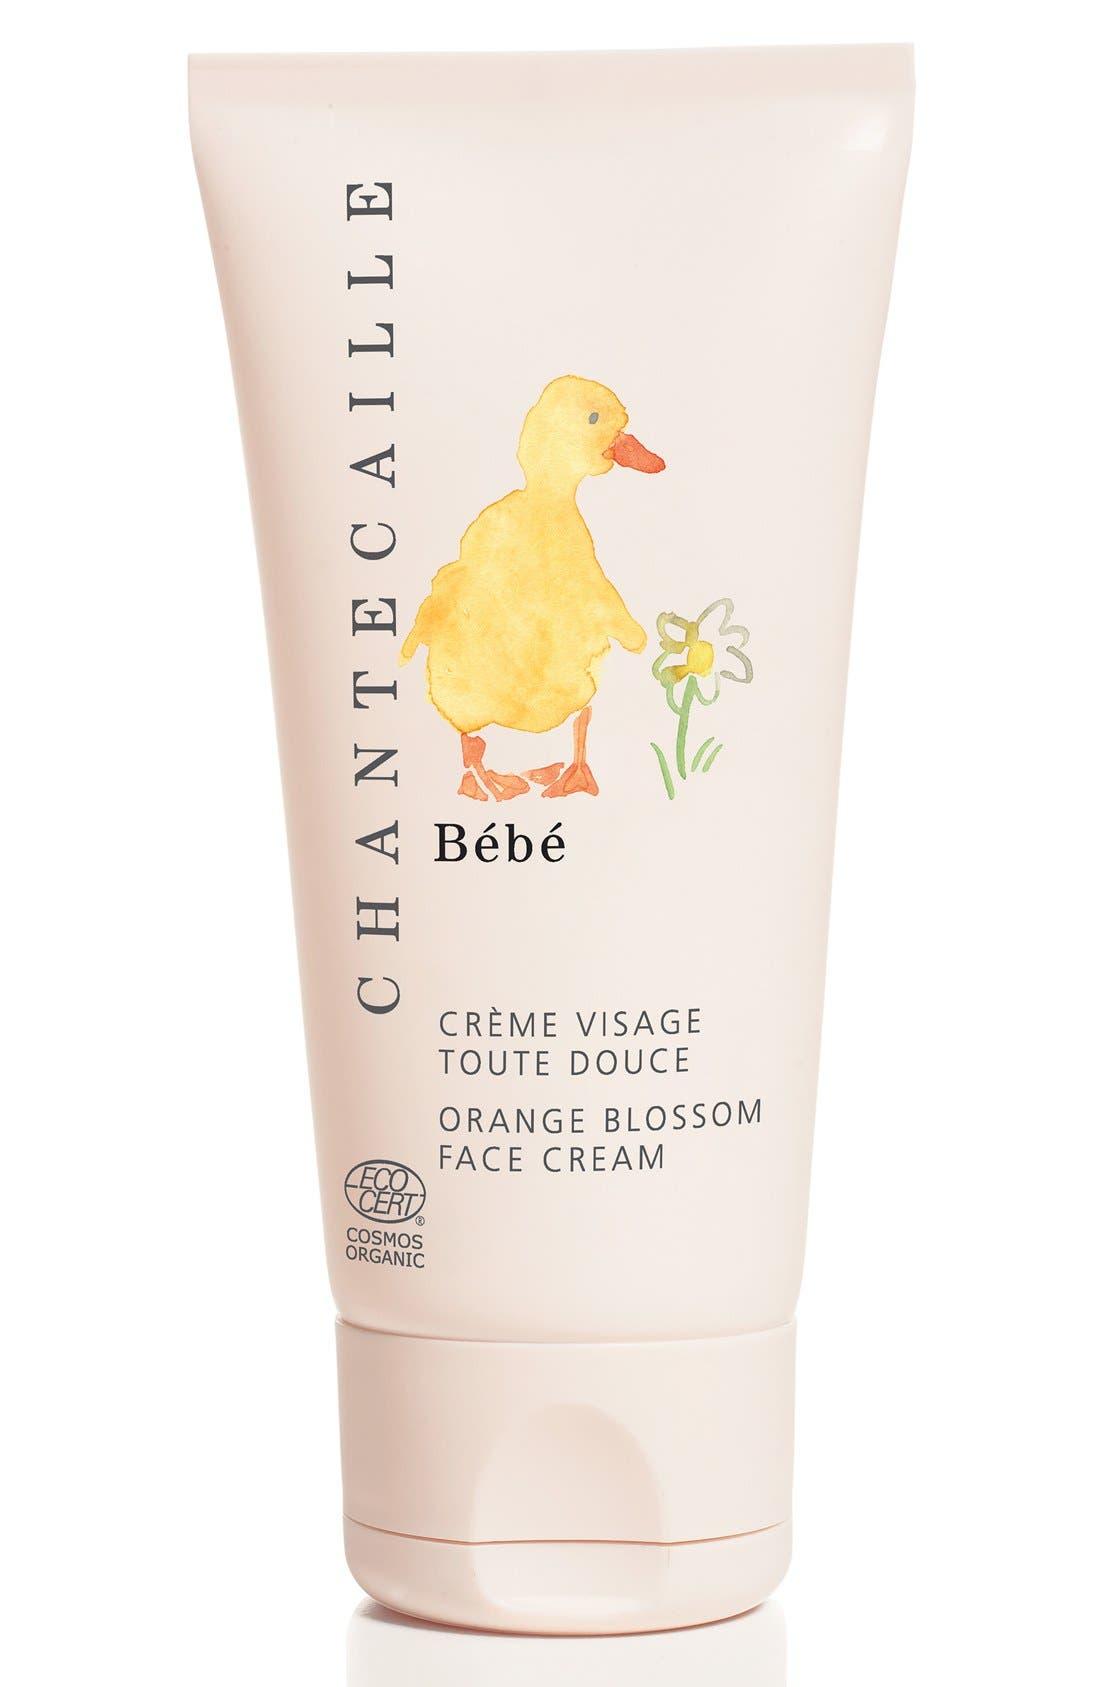 CHANTECAILLE, Bébé Orange Blossom Face Cream, Main thumbnail 1, color, NO COLOR